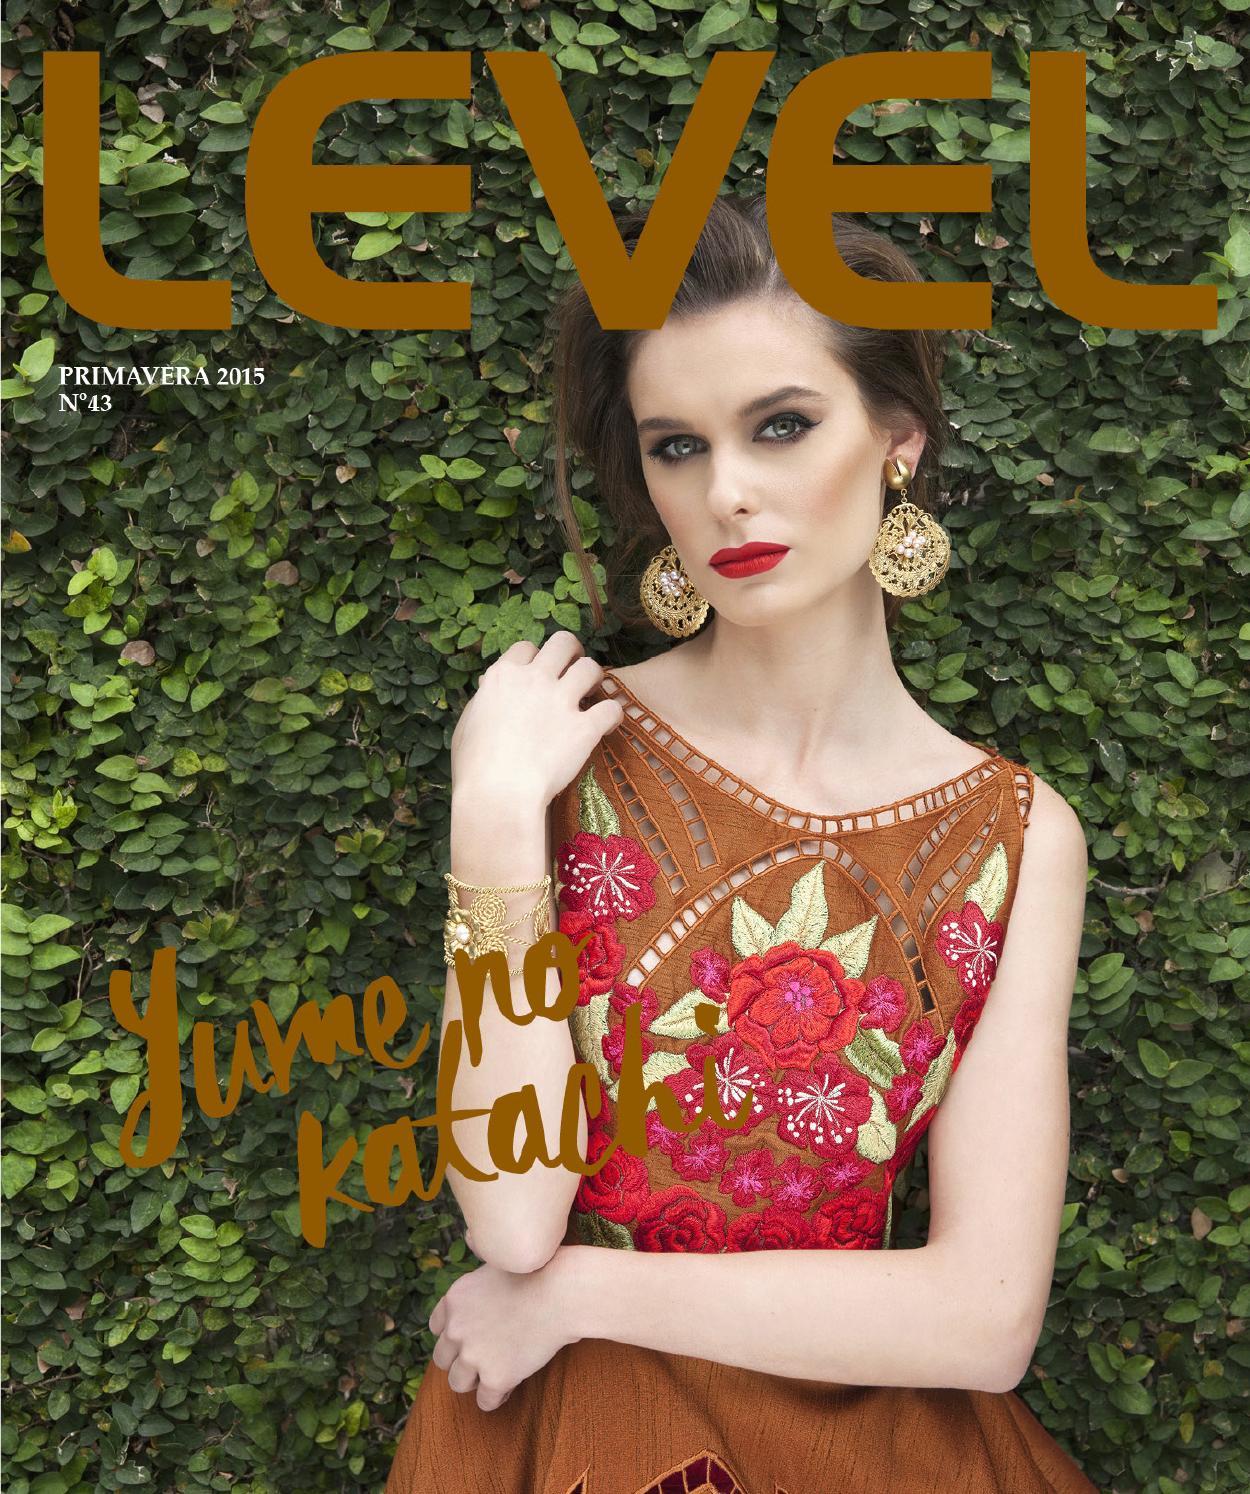 a24b4eae4 Level Edicion #43 Primavera 2015 by Revista Level - issuu